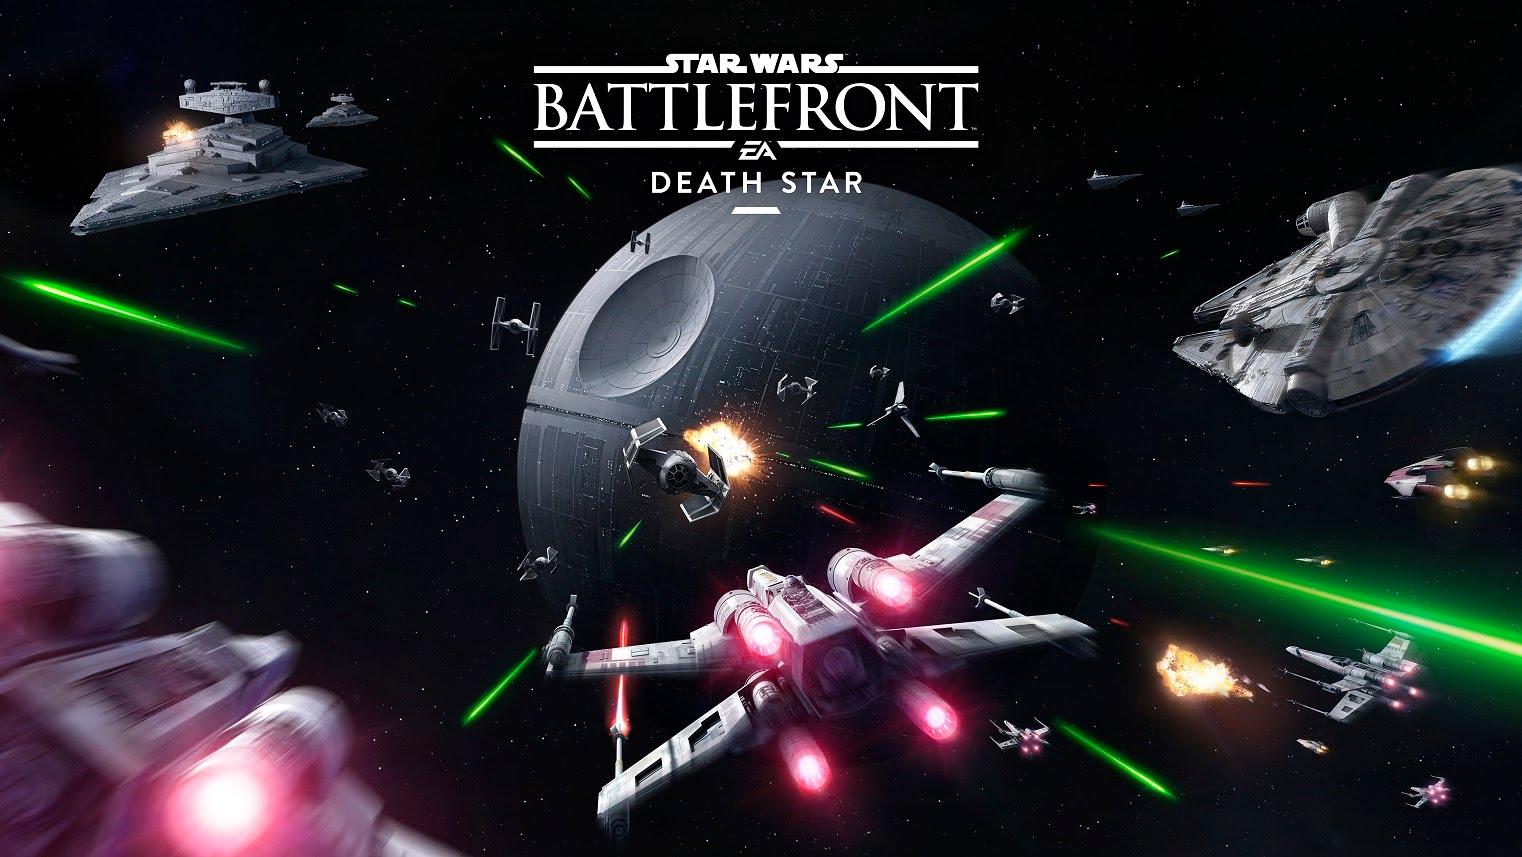 EA divulga novidades sobre Star Wars Battlefront – Estrela da Morte. Veja o trailer